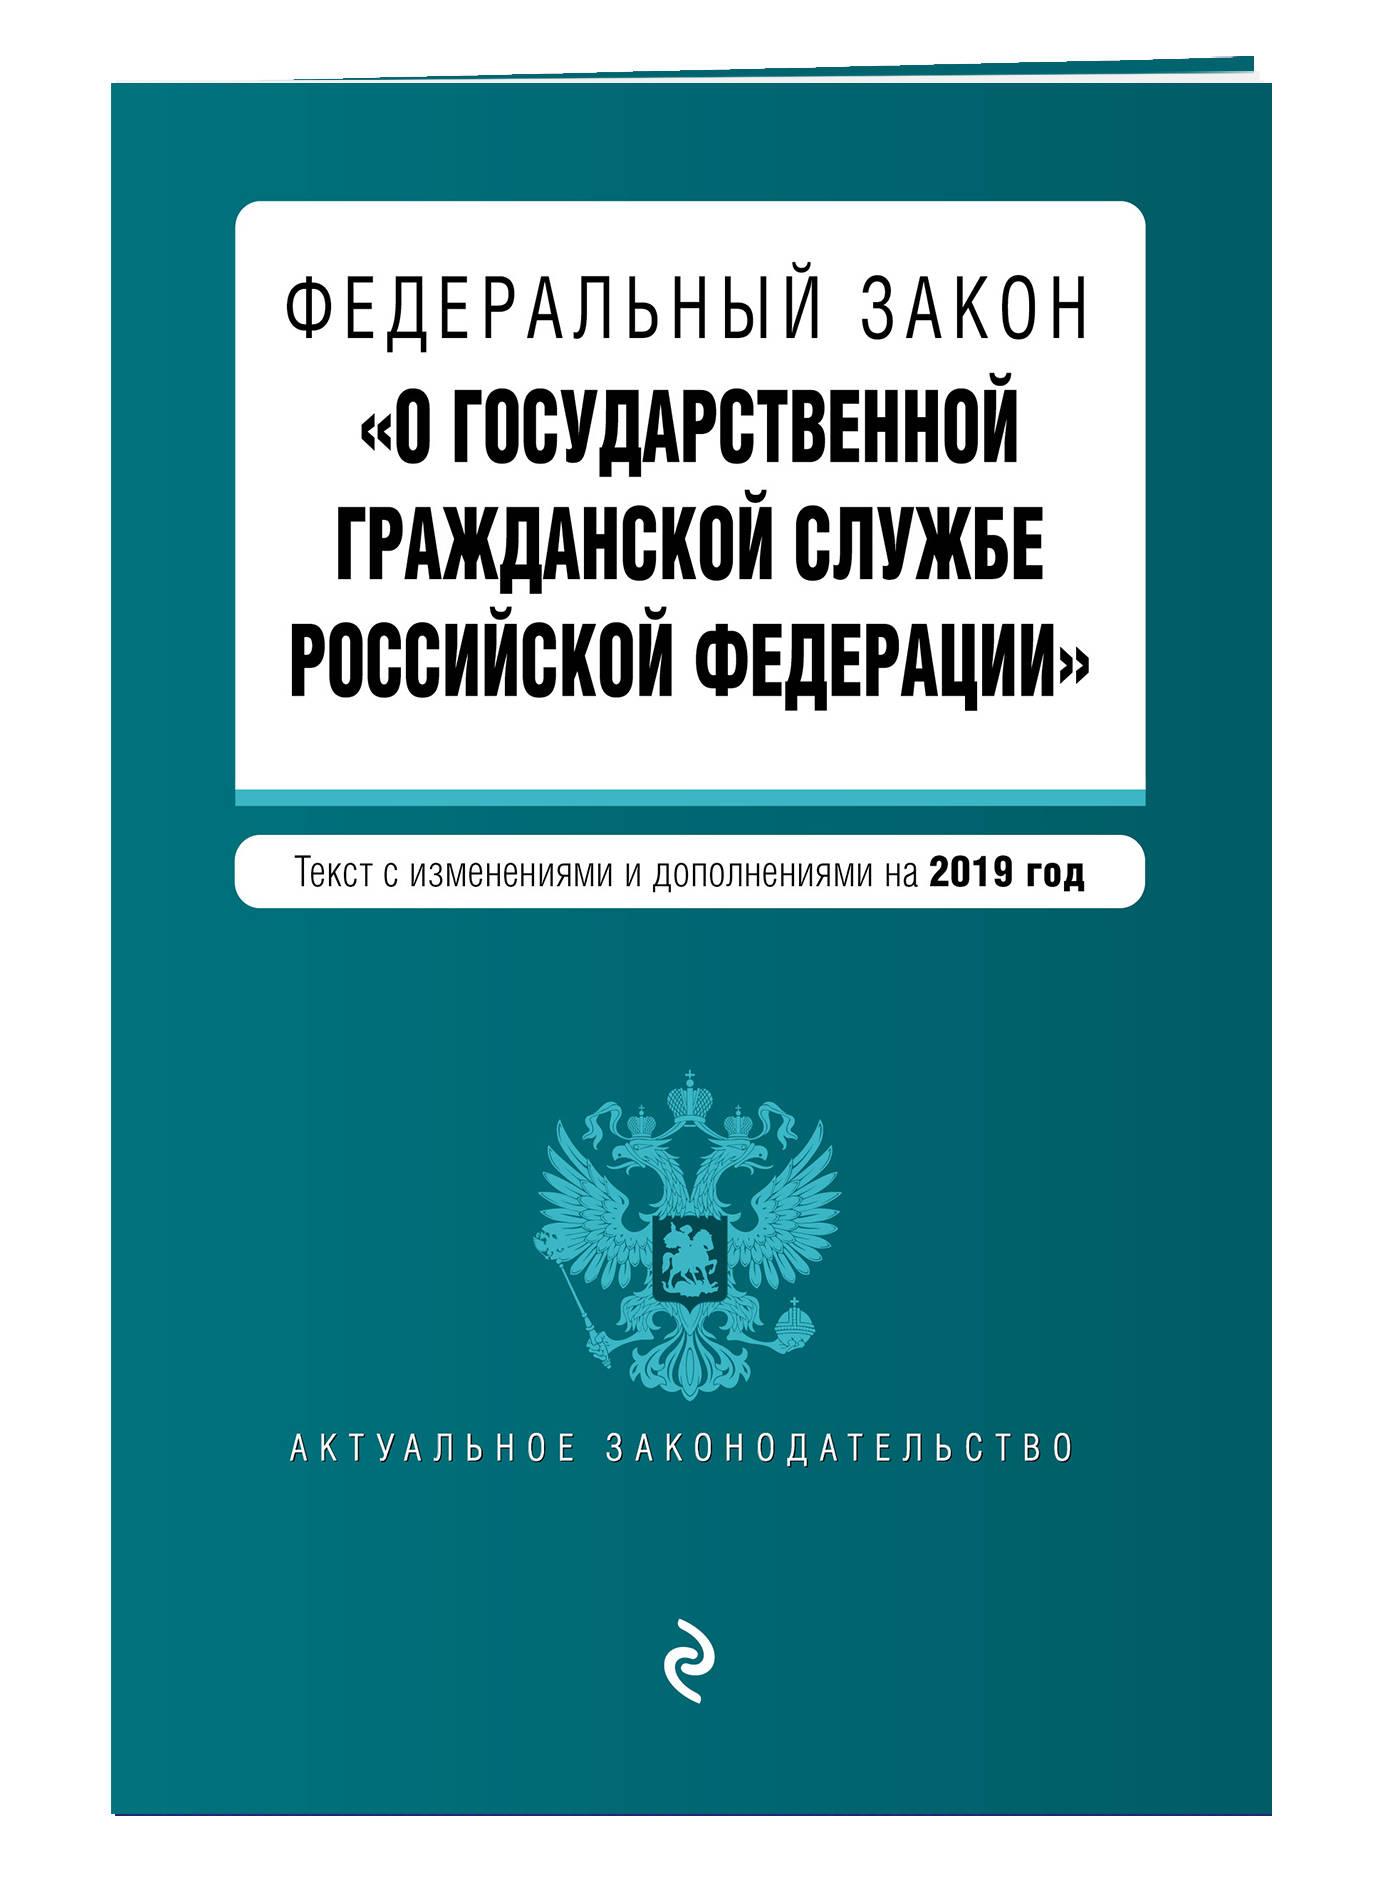 Федеральный закон О государственной гражданской службе Российской Федерации. Текст с изм. и доп. на 2019 г.